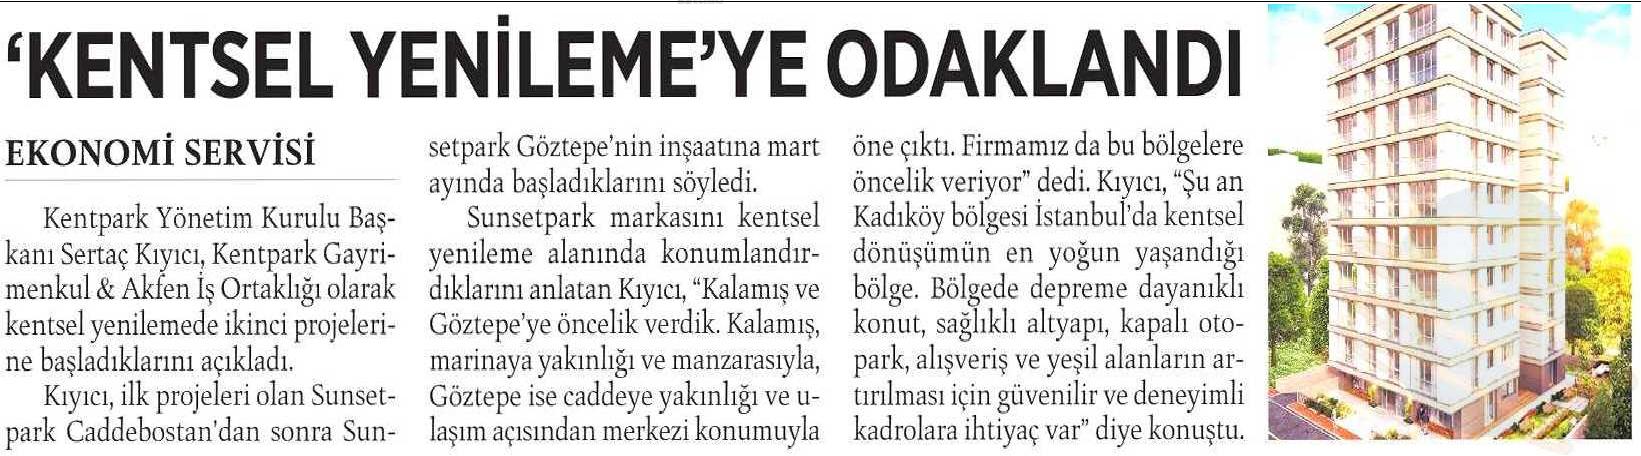 Milliyet-_KENTSEL_YENILEME_YE_ODAKLANDI-09.04.2016